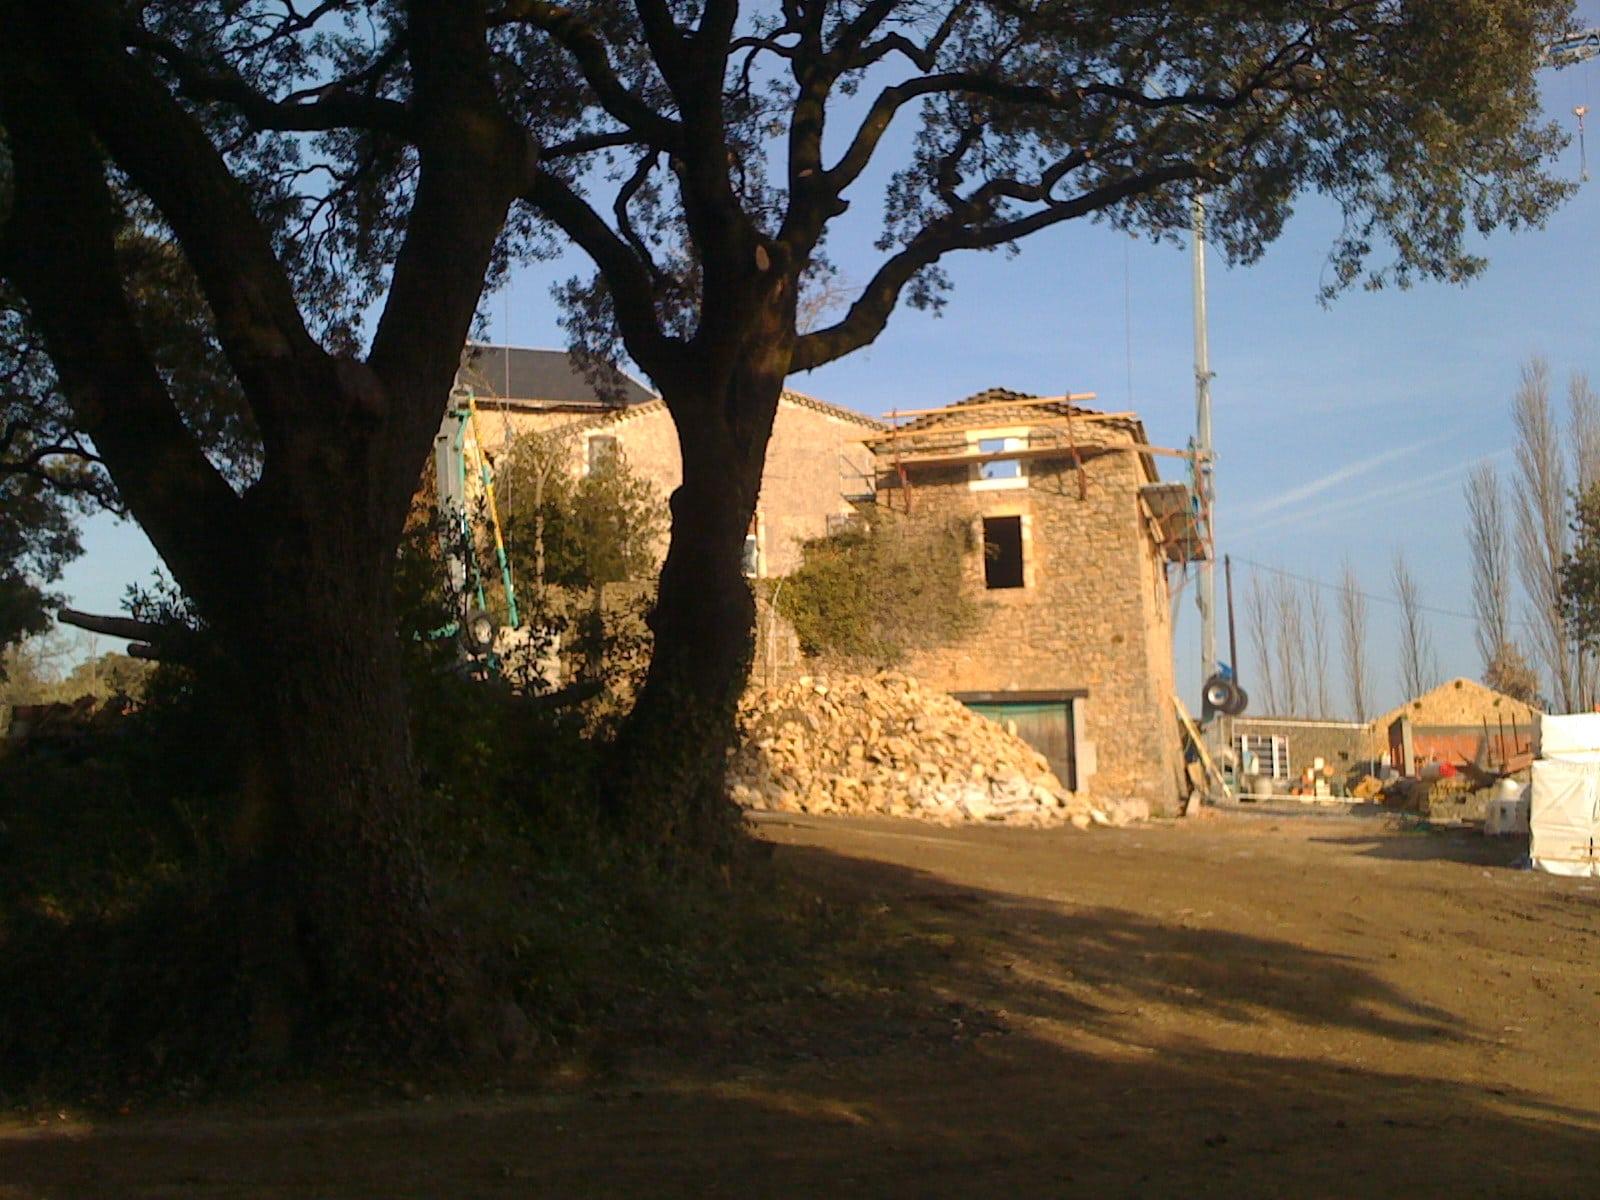 domaine de sevenier spa historique photo2 - Présentation du camping Ardèche 5 étoiles